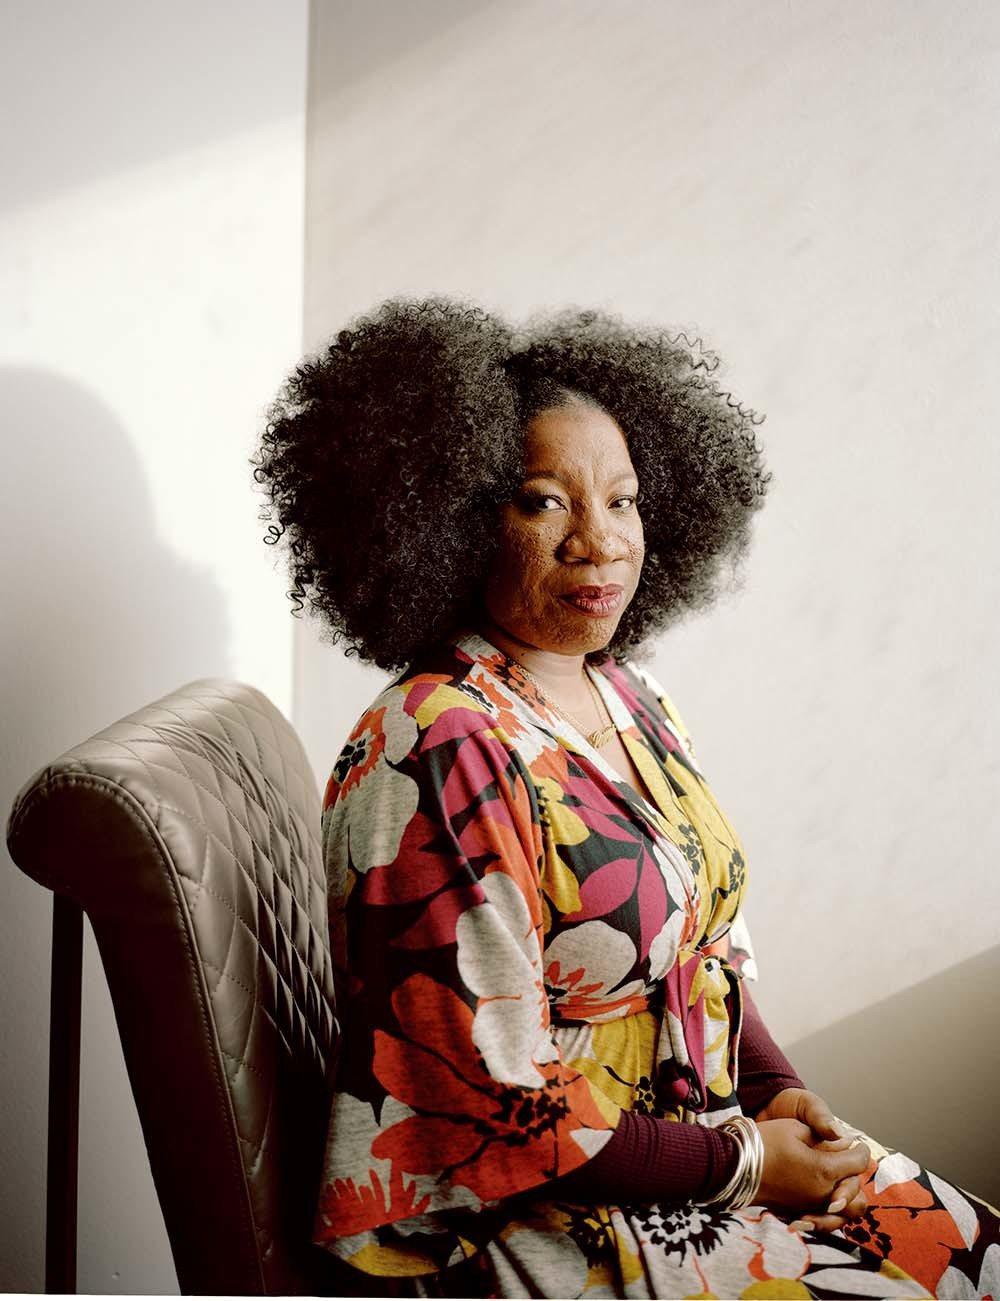 塔拉納.伯克/住在布魯克林的社會運動者,她以發起#METOO運動而為人所知。 如...